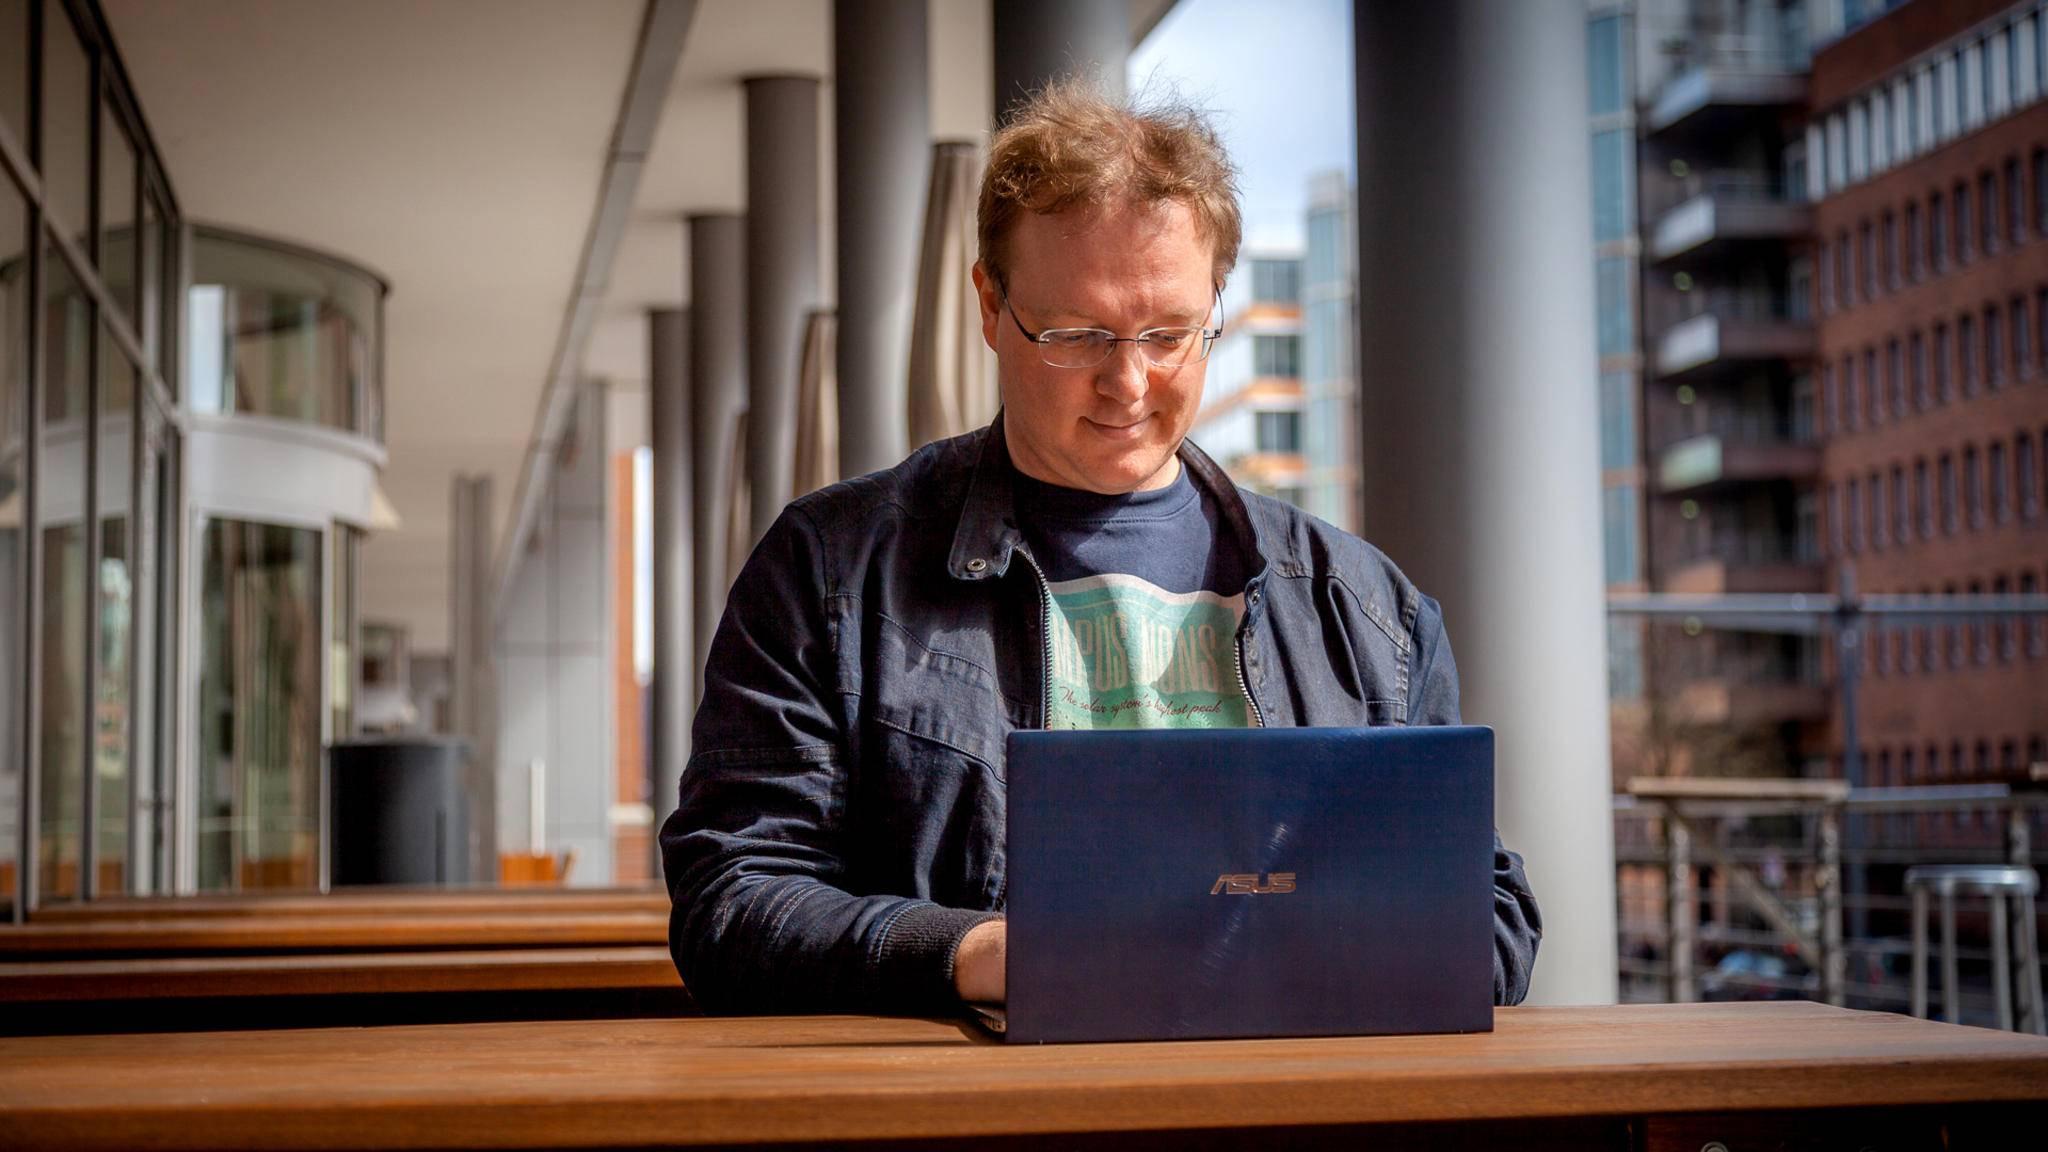 Moderne Laptops wie das Asus ZenBook 14 wiegen trotz großem Bildschirm wenig mehr als 1 Kilogramm – perfekt für unterwegs.